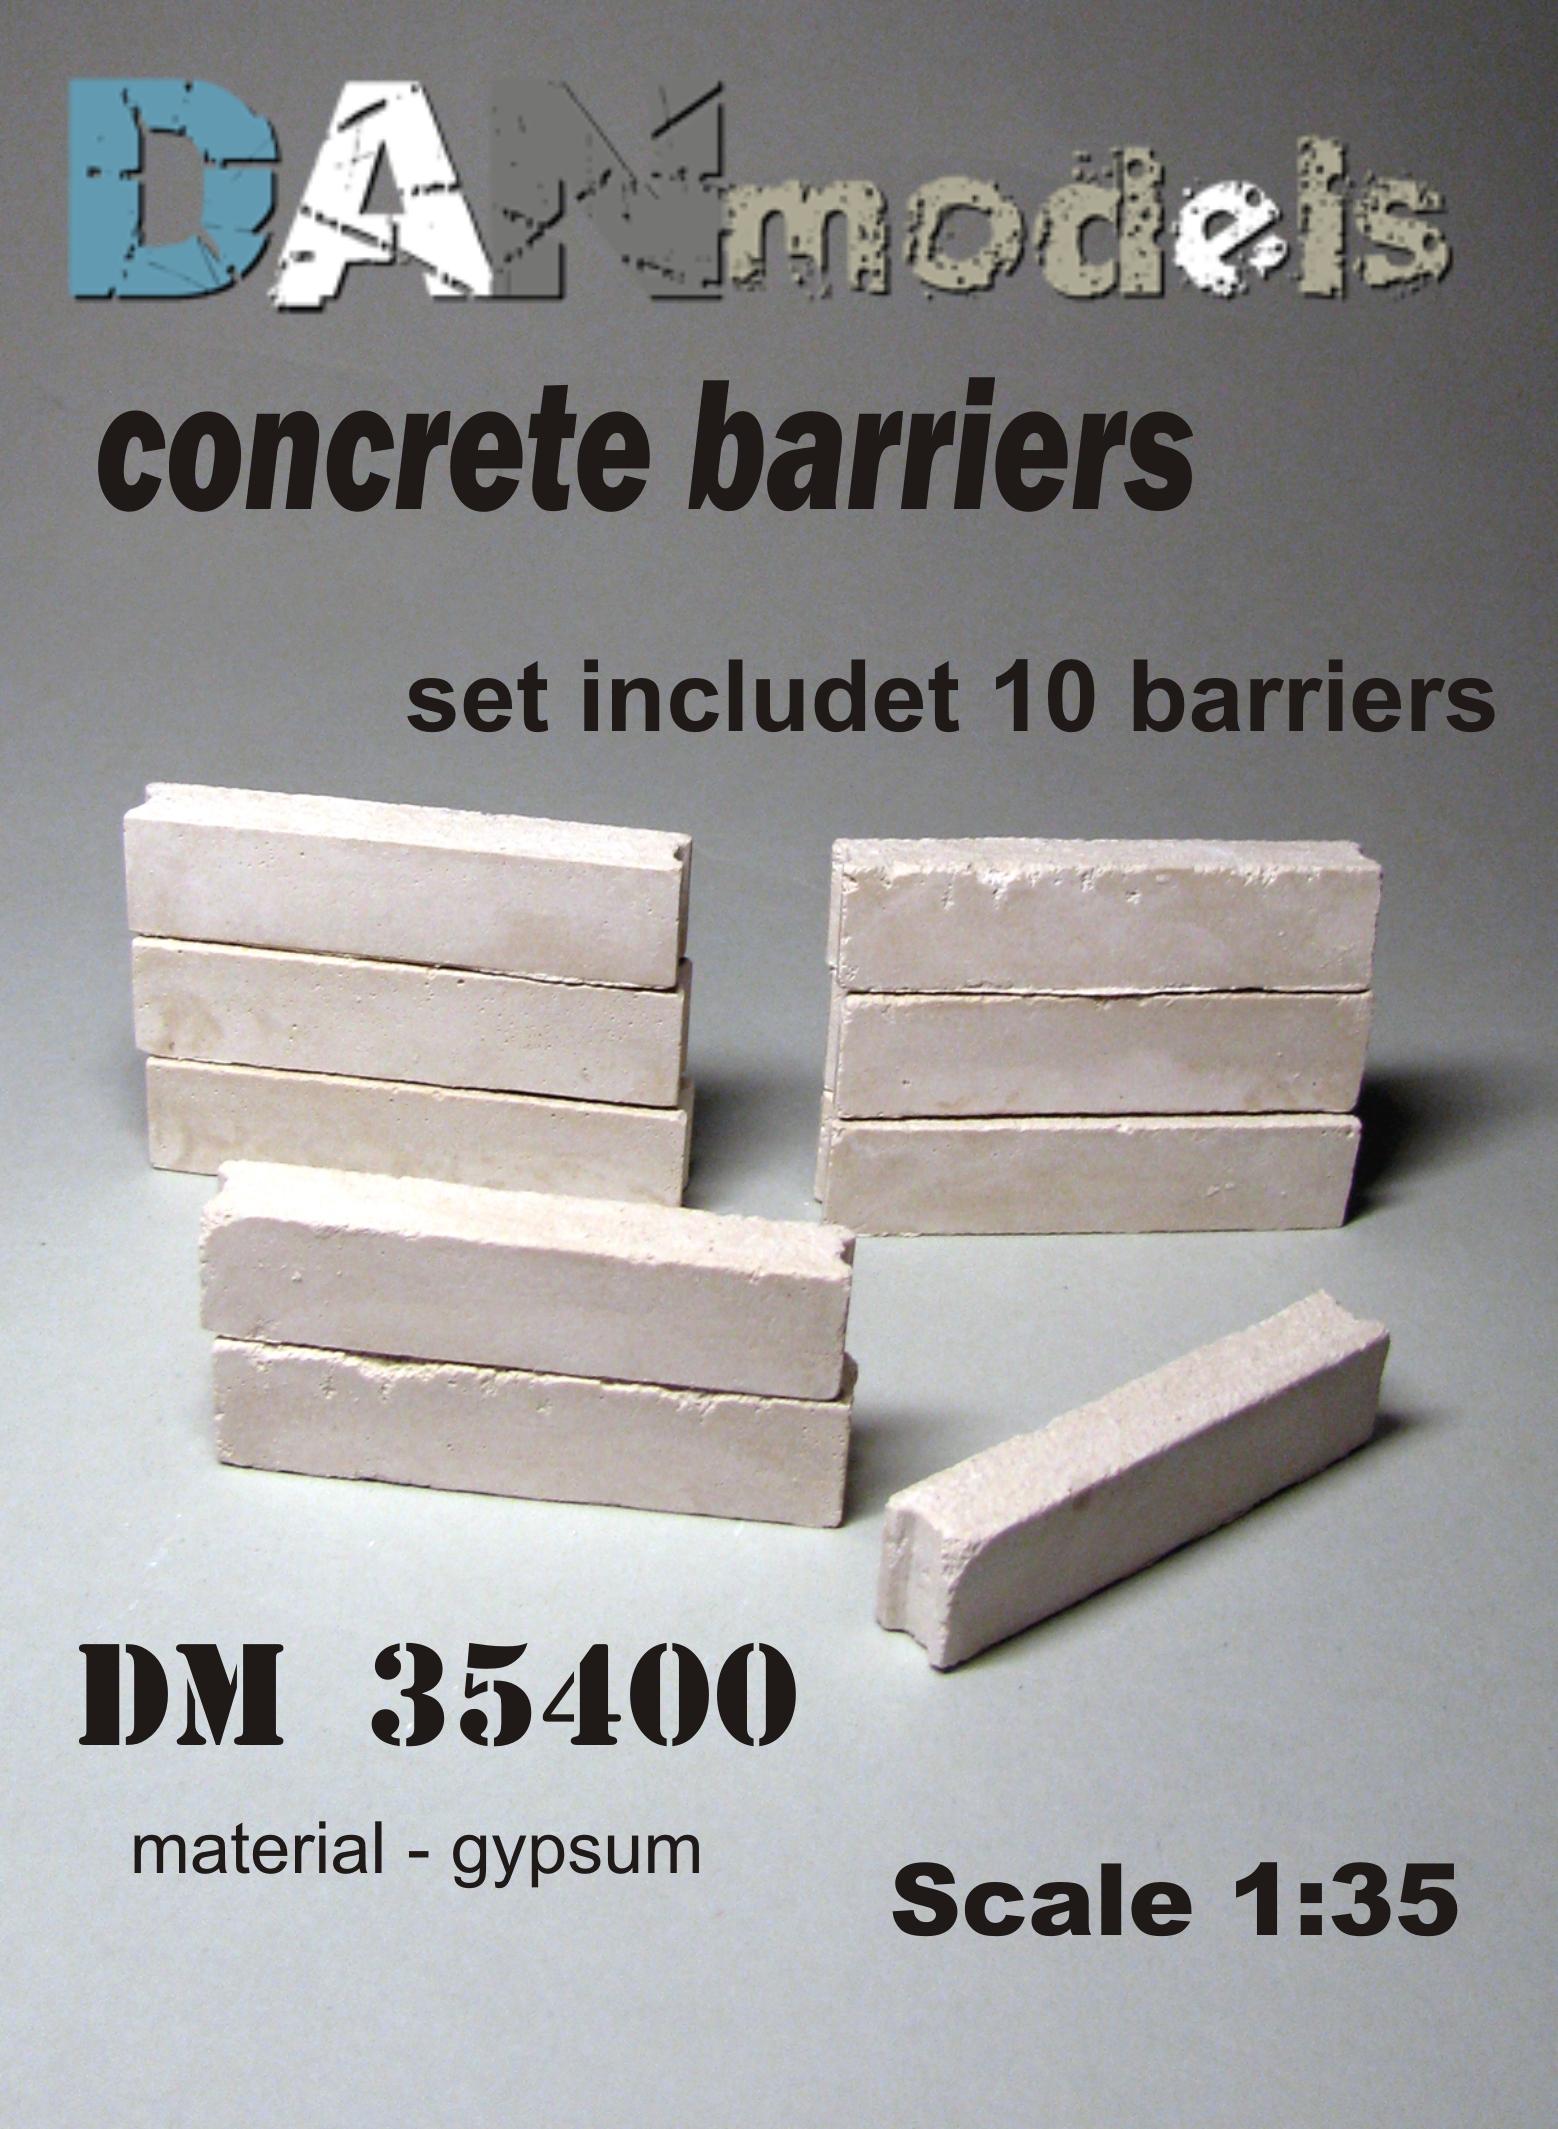 DM 35400 concrete barriers